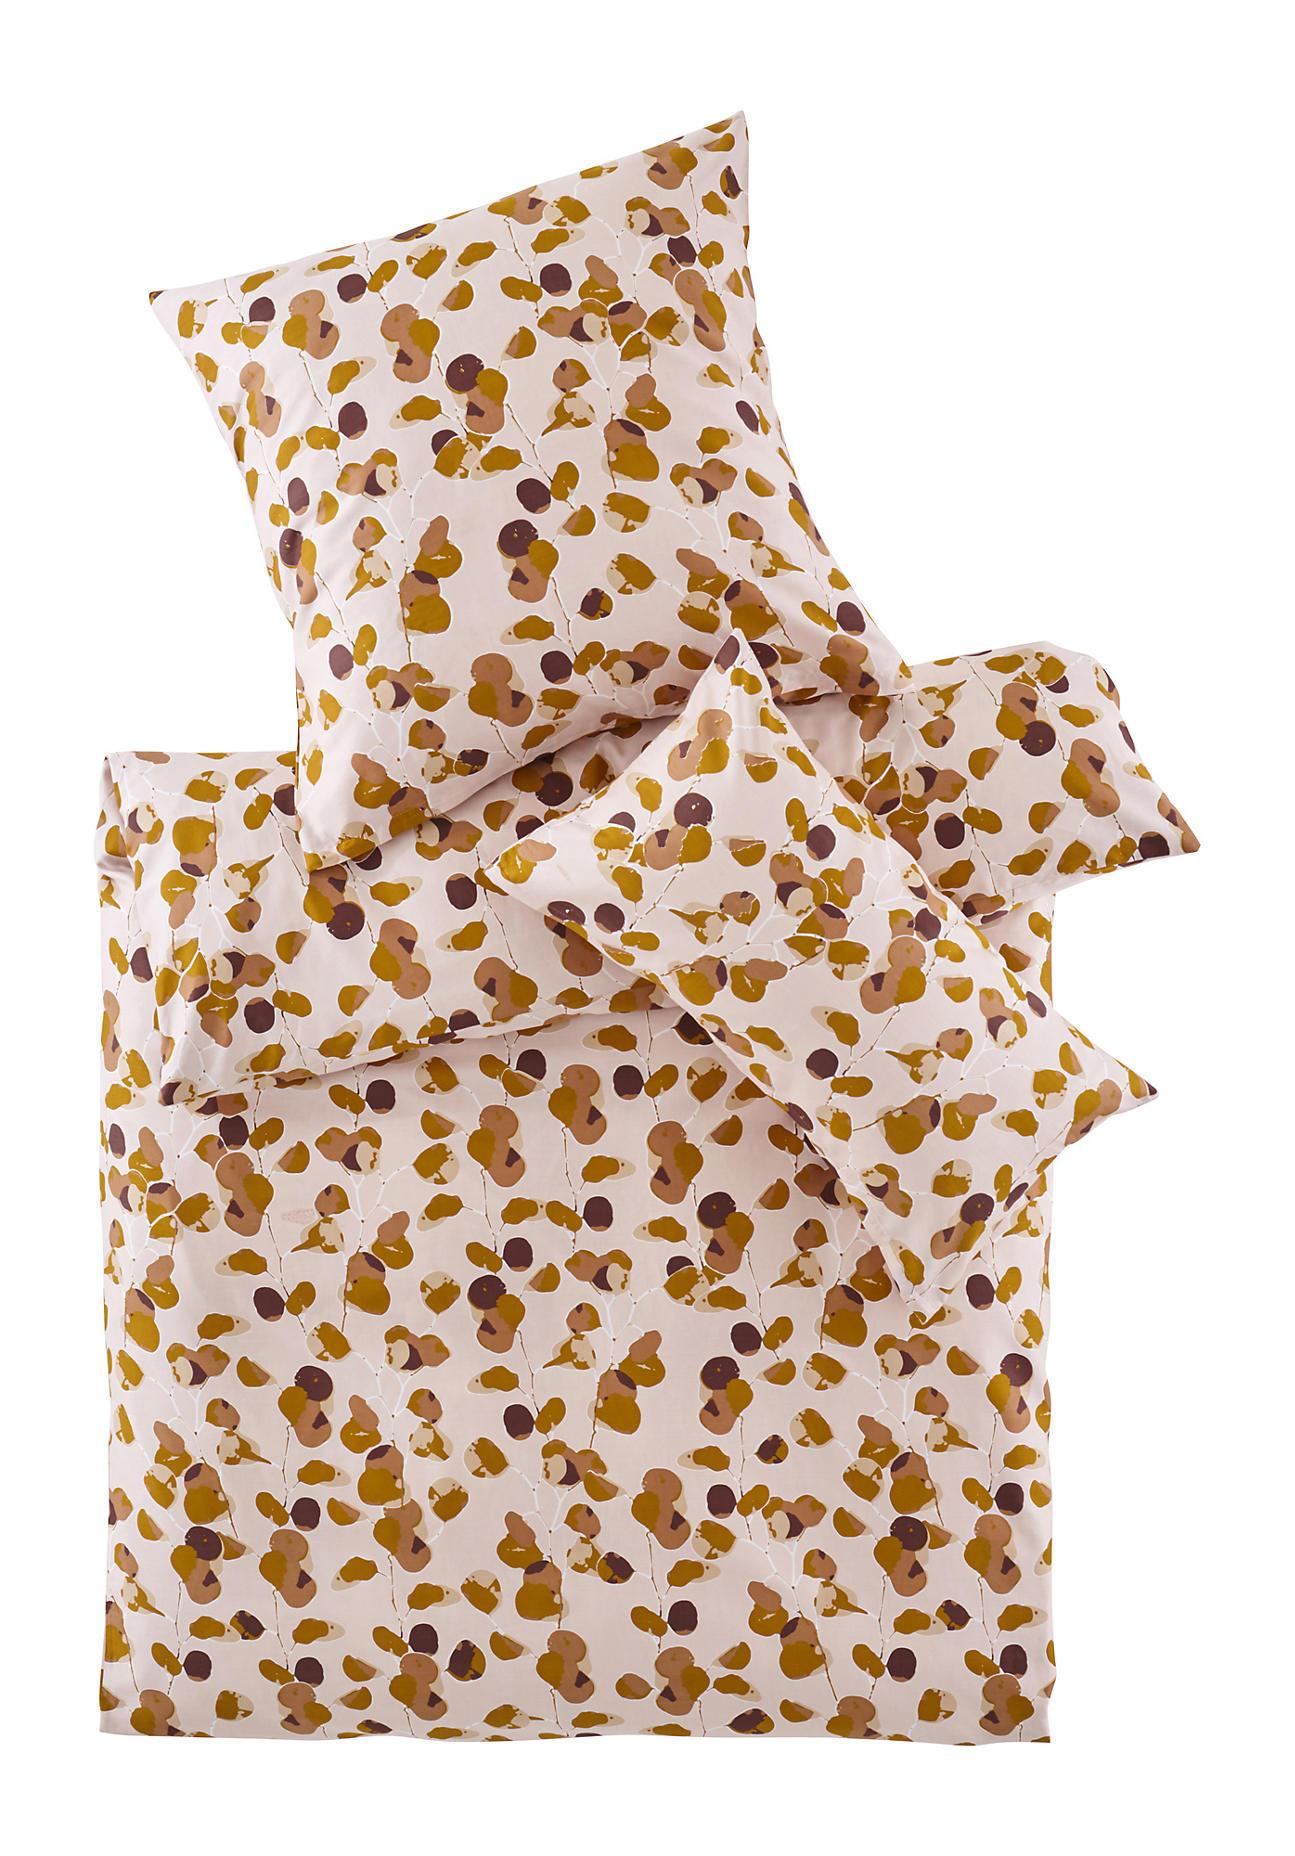 hessnatur Satin-Bettwäsche Rami aus Bio-Baumwolle – rosa – Größe 135x200+40x80 cm